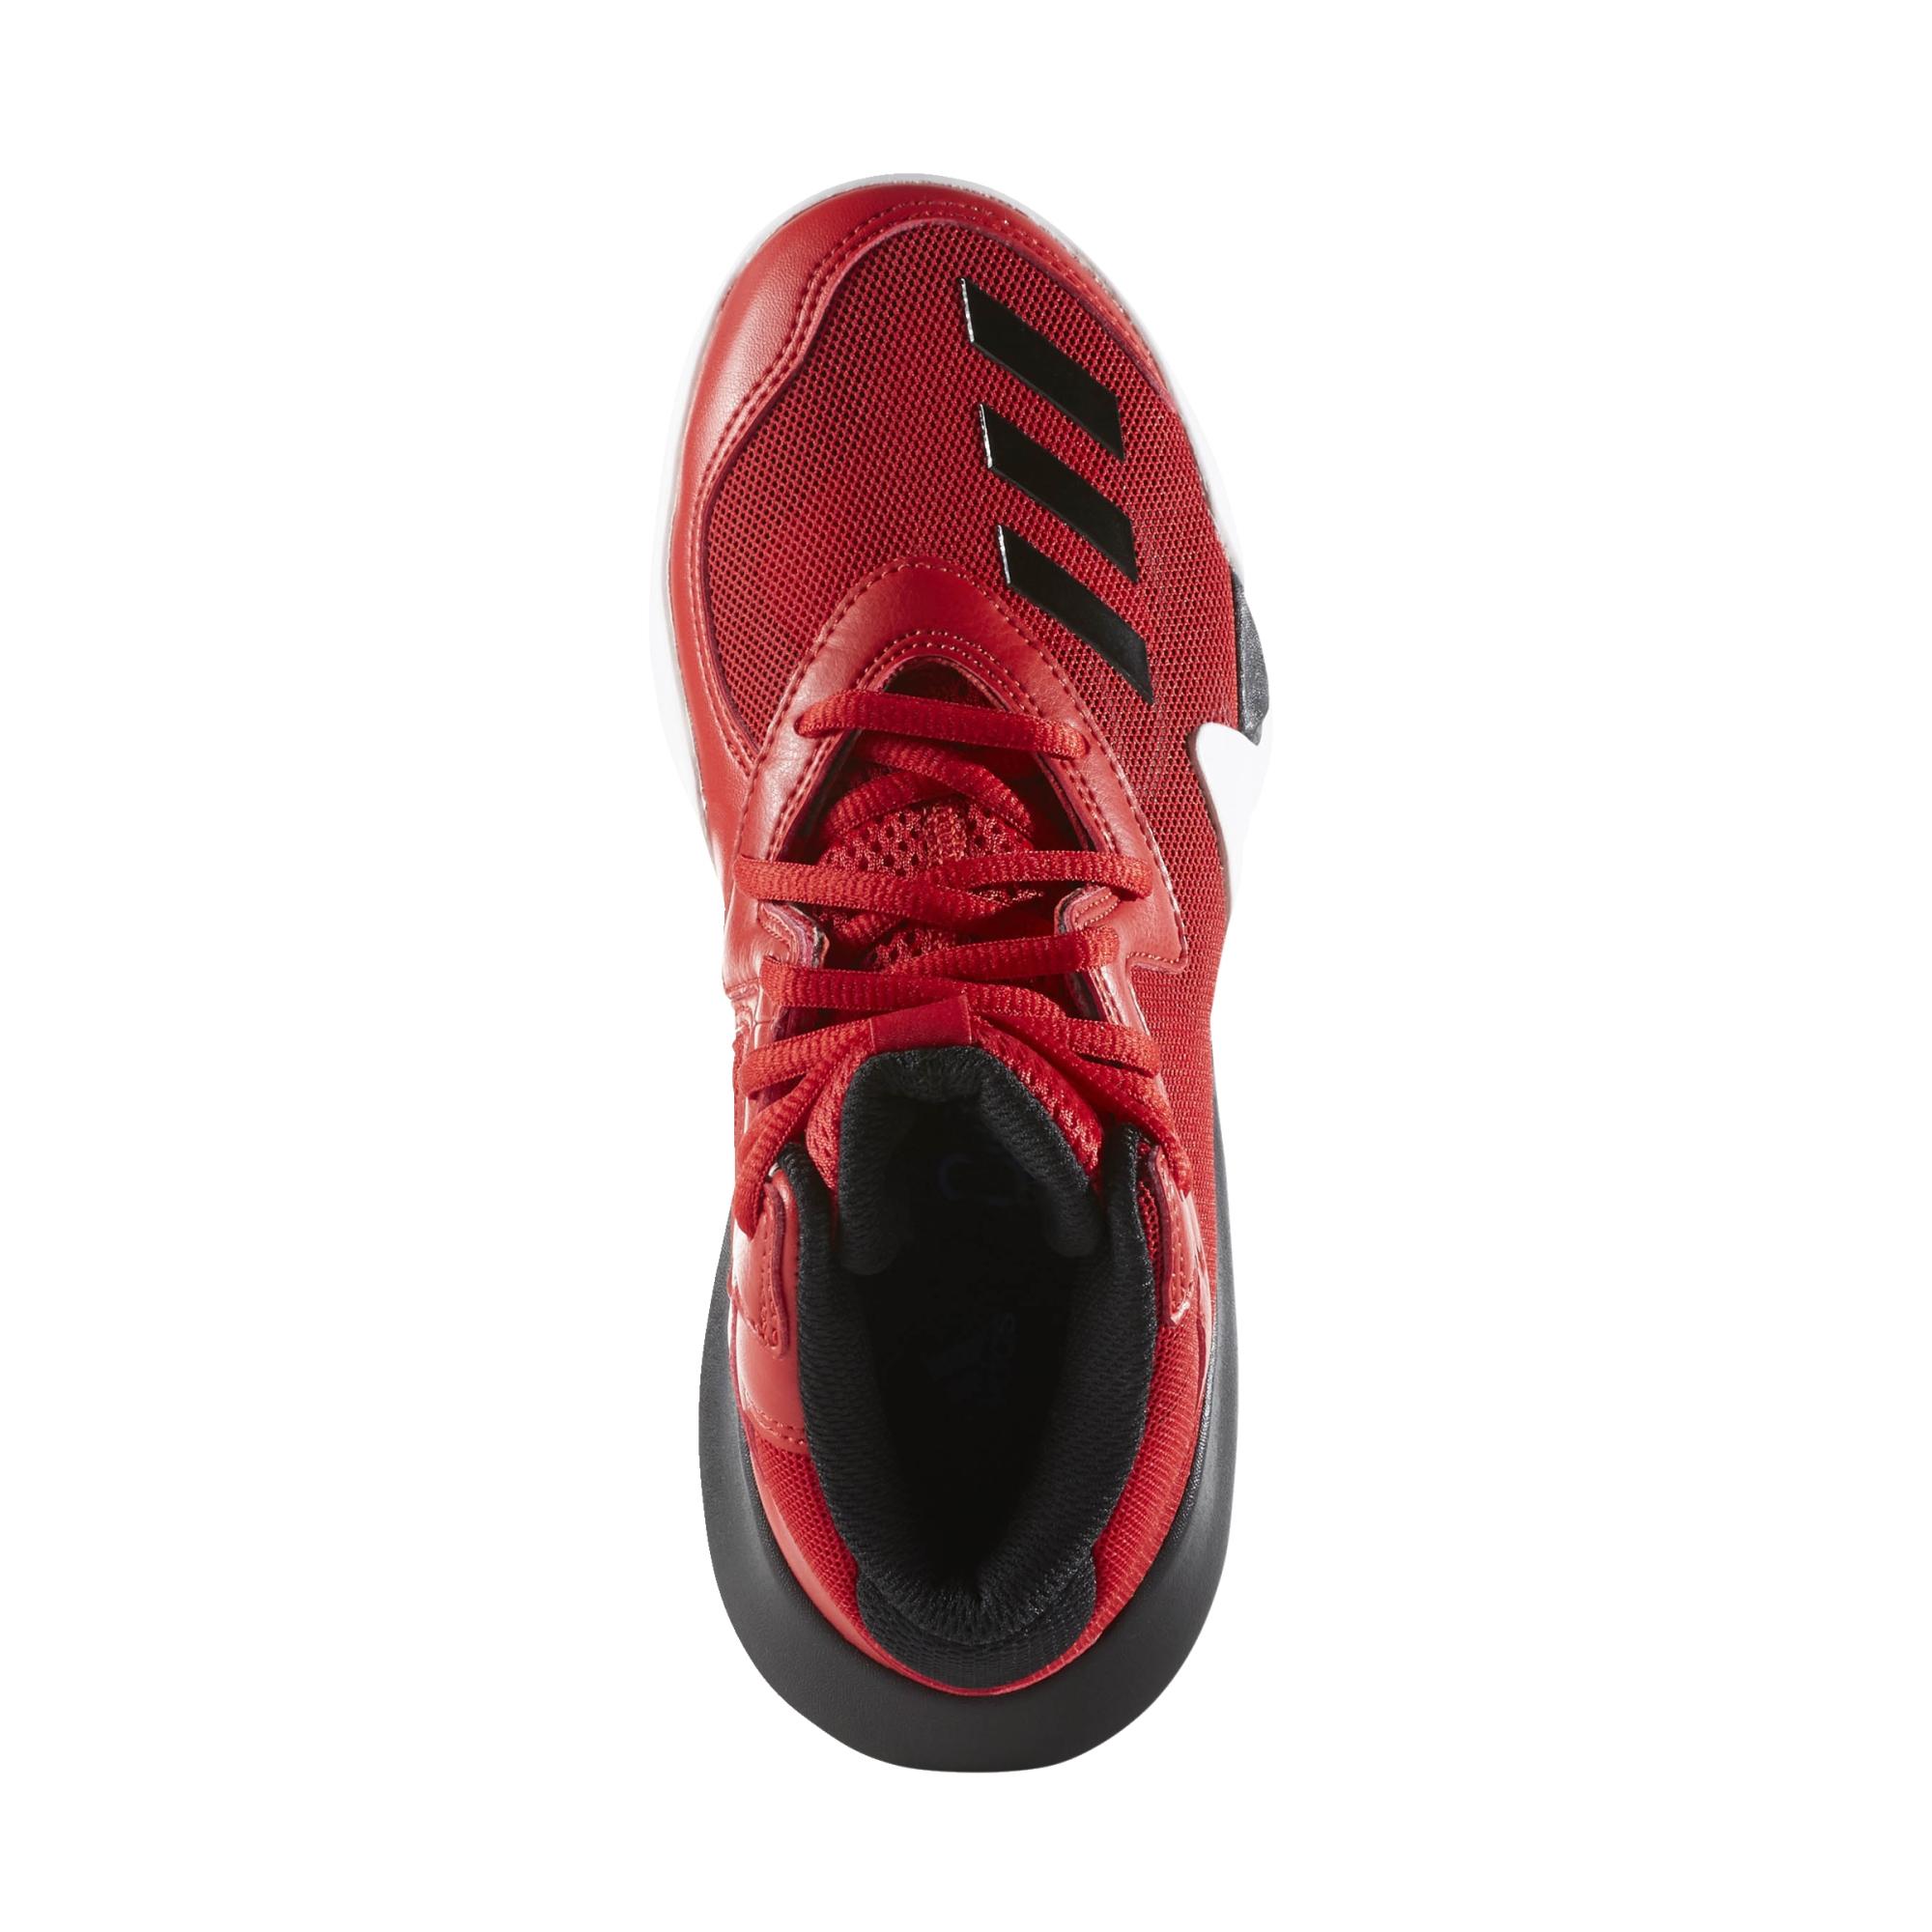 best website 9c7e1 2f922 ... Adidas Crazy Team K